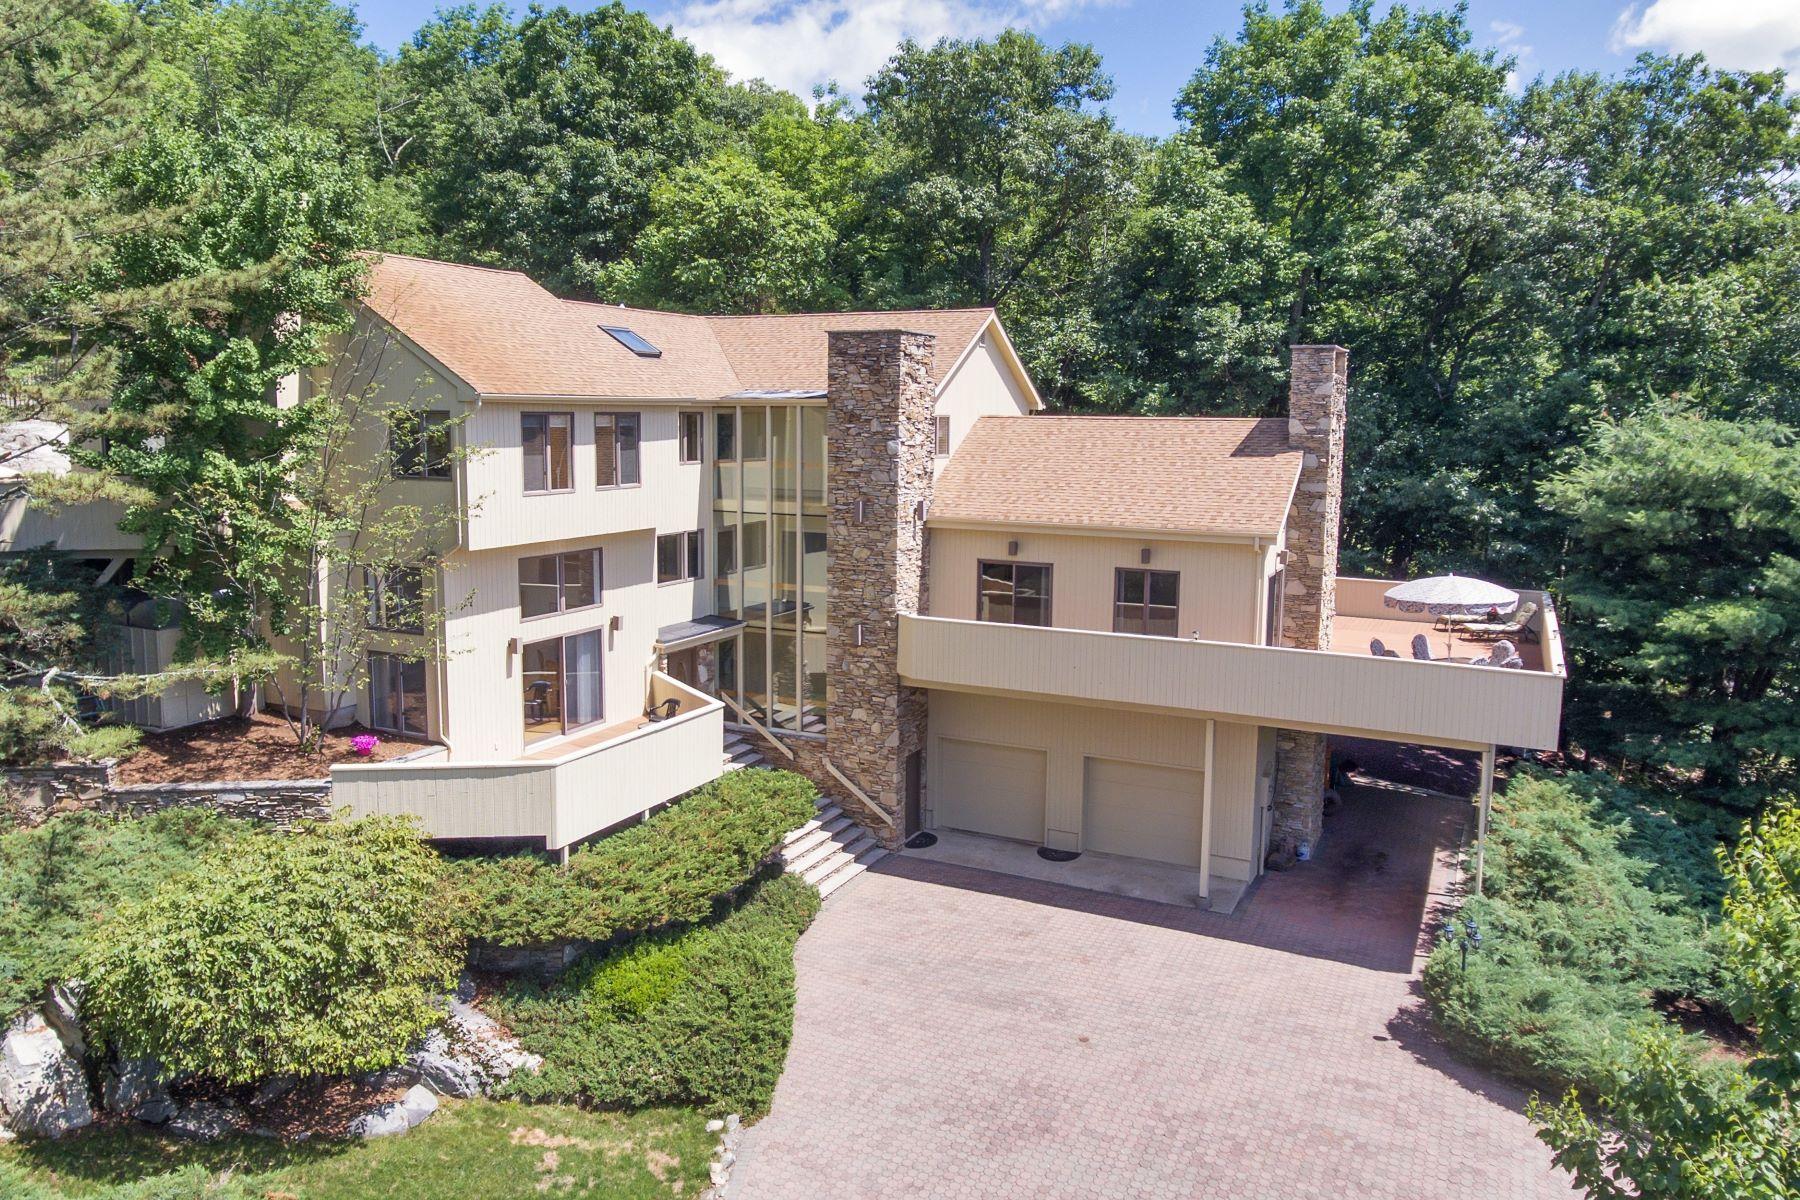 Μονοκατοικία για την Πώληση στο Spectacular Views 7 Eagle Rock Drive, Boonton, Νιου Τζερσεϋ 07005 Ηνωμενεσ Πολιτειεσ